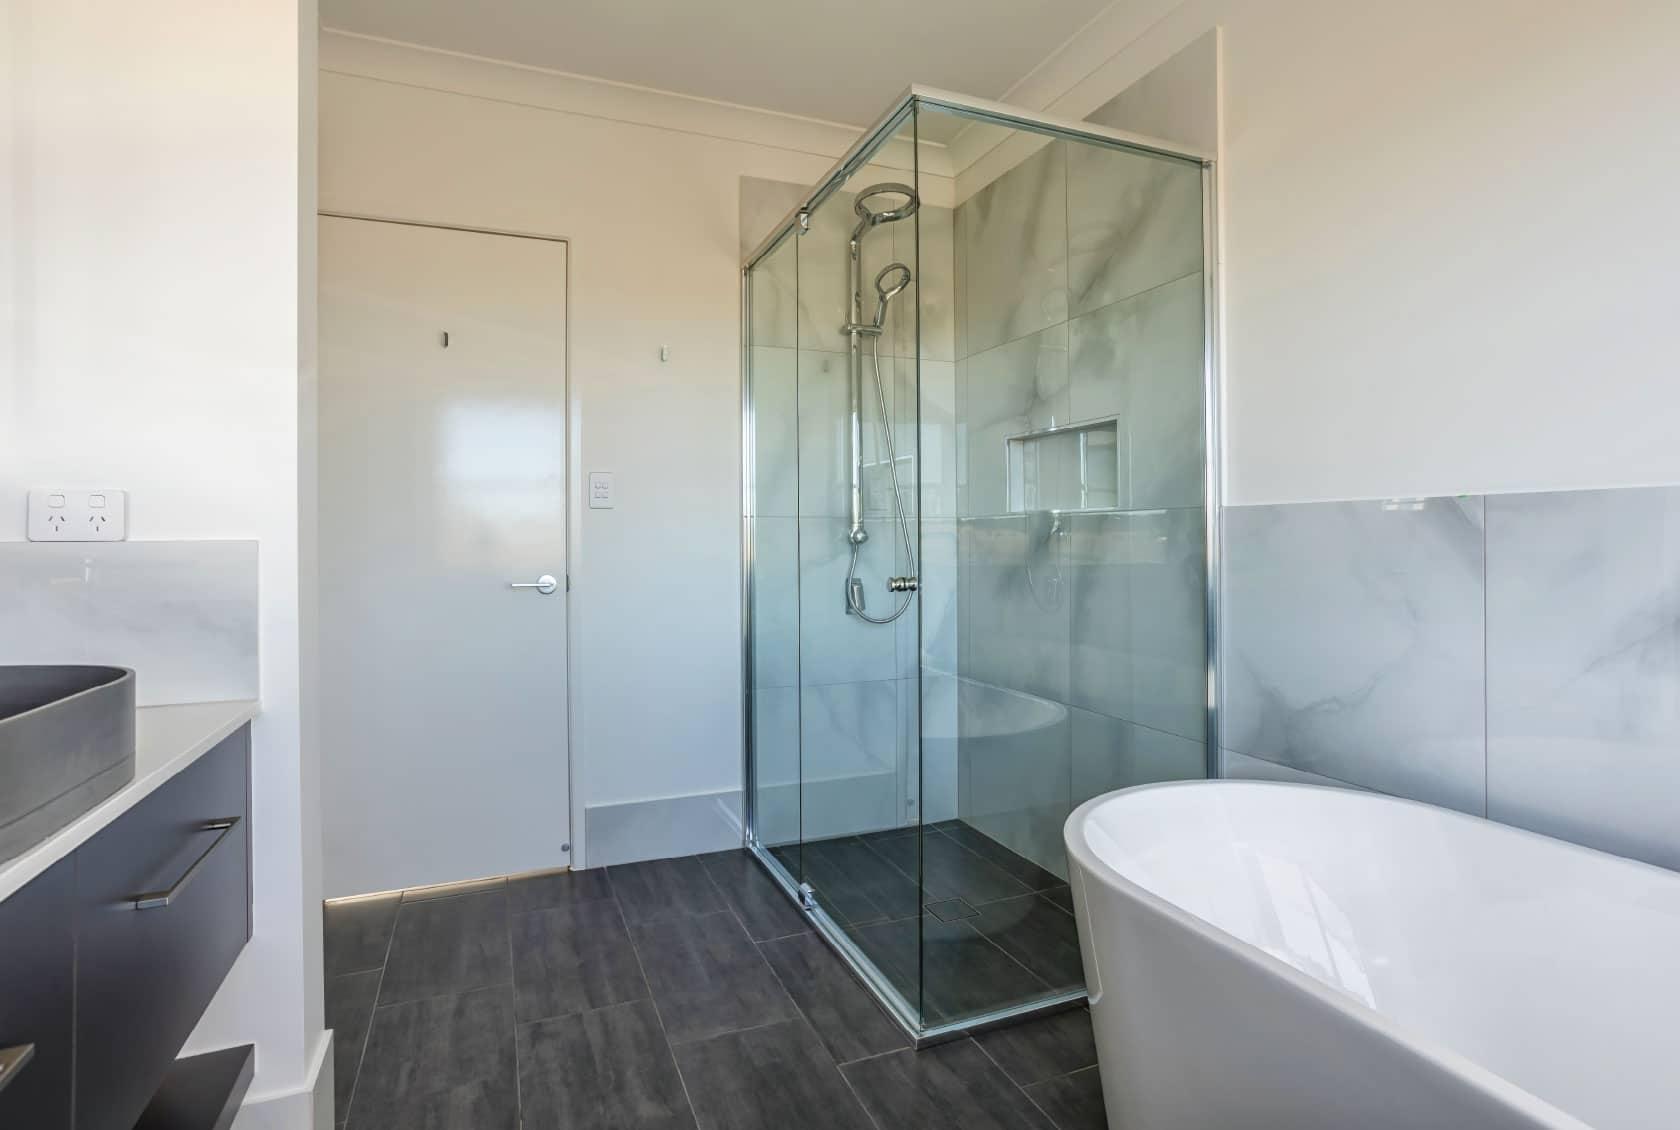 Large semi frameless shower screen